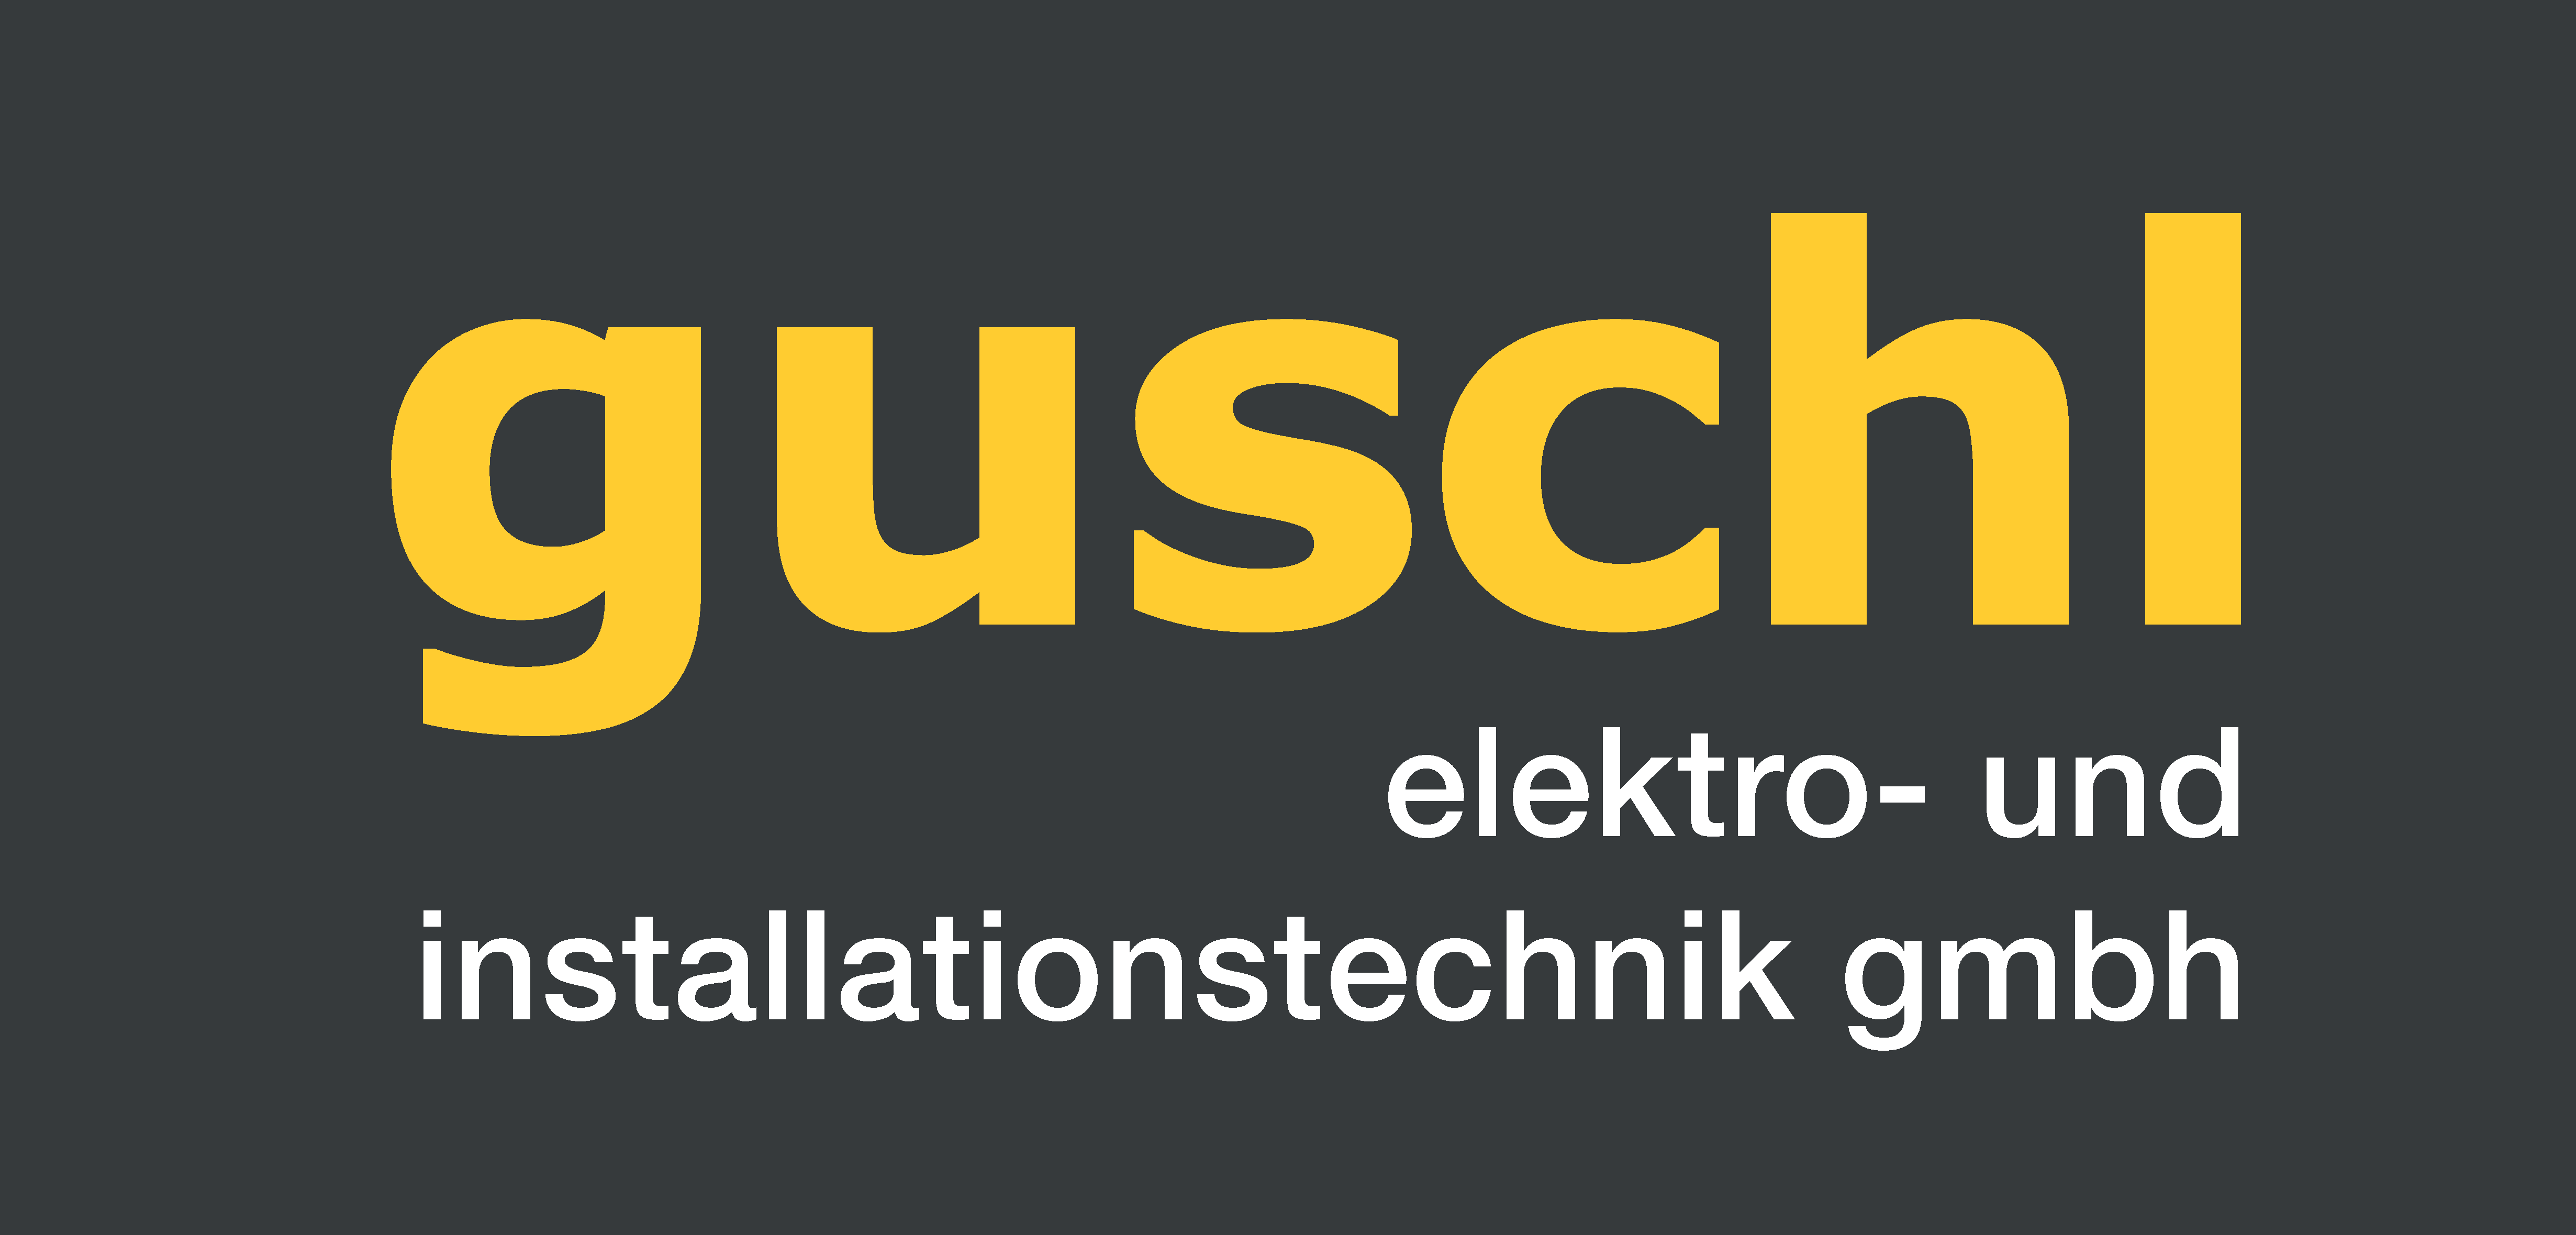 Guschl